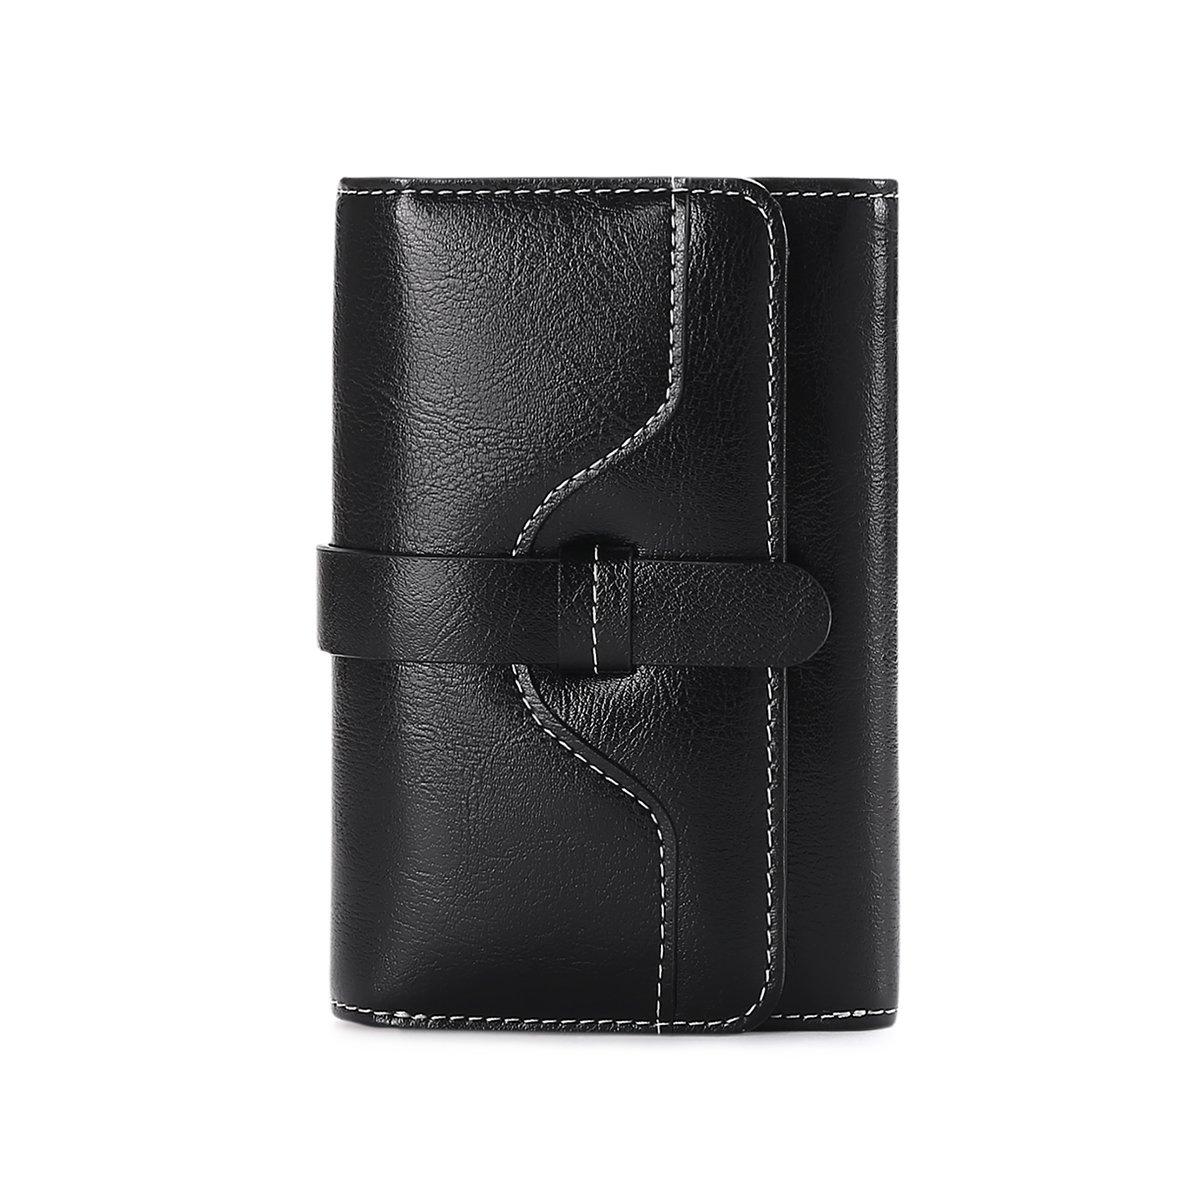 Vintage Leather Women short Wallet Coin Pocket Phone Purse Female Card Holder by Sendefn (Image #2)